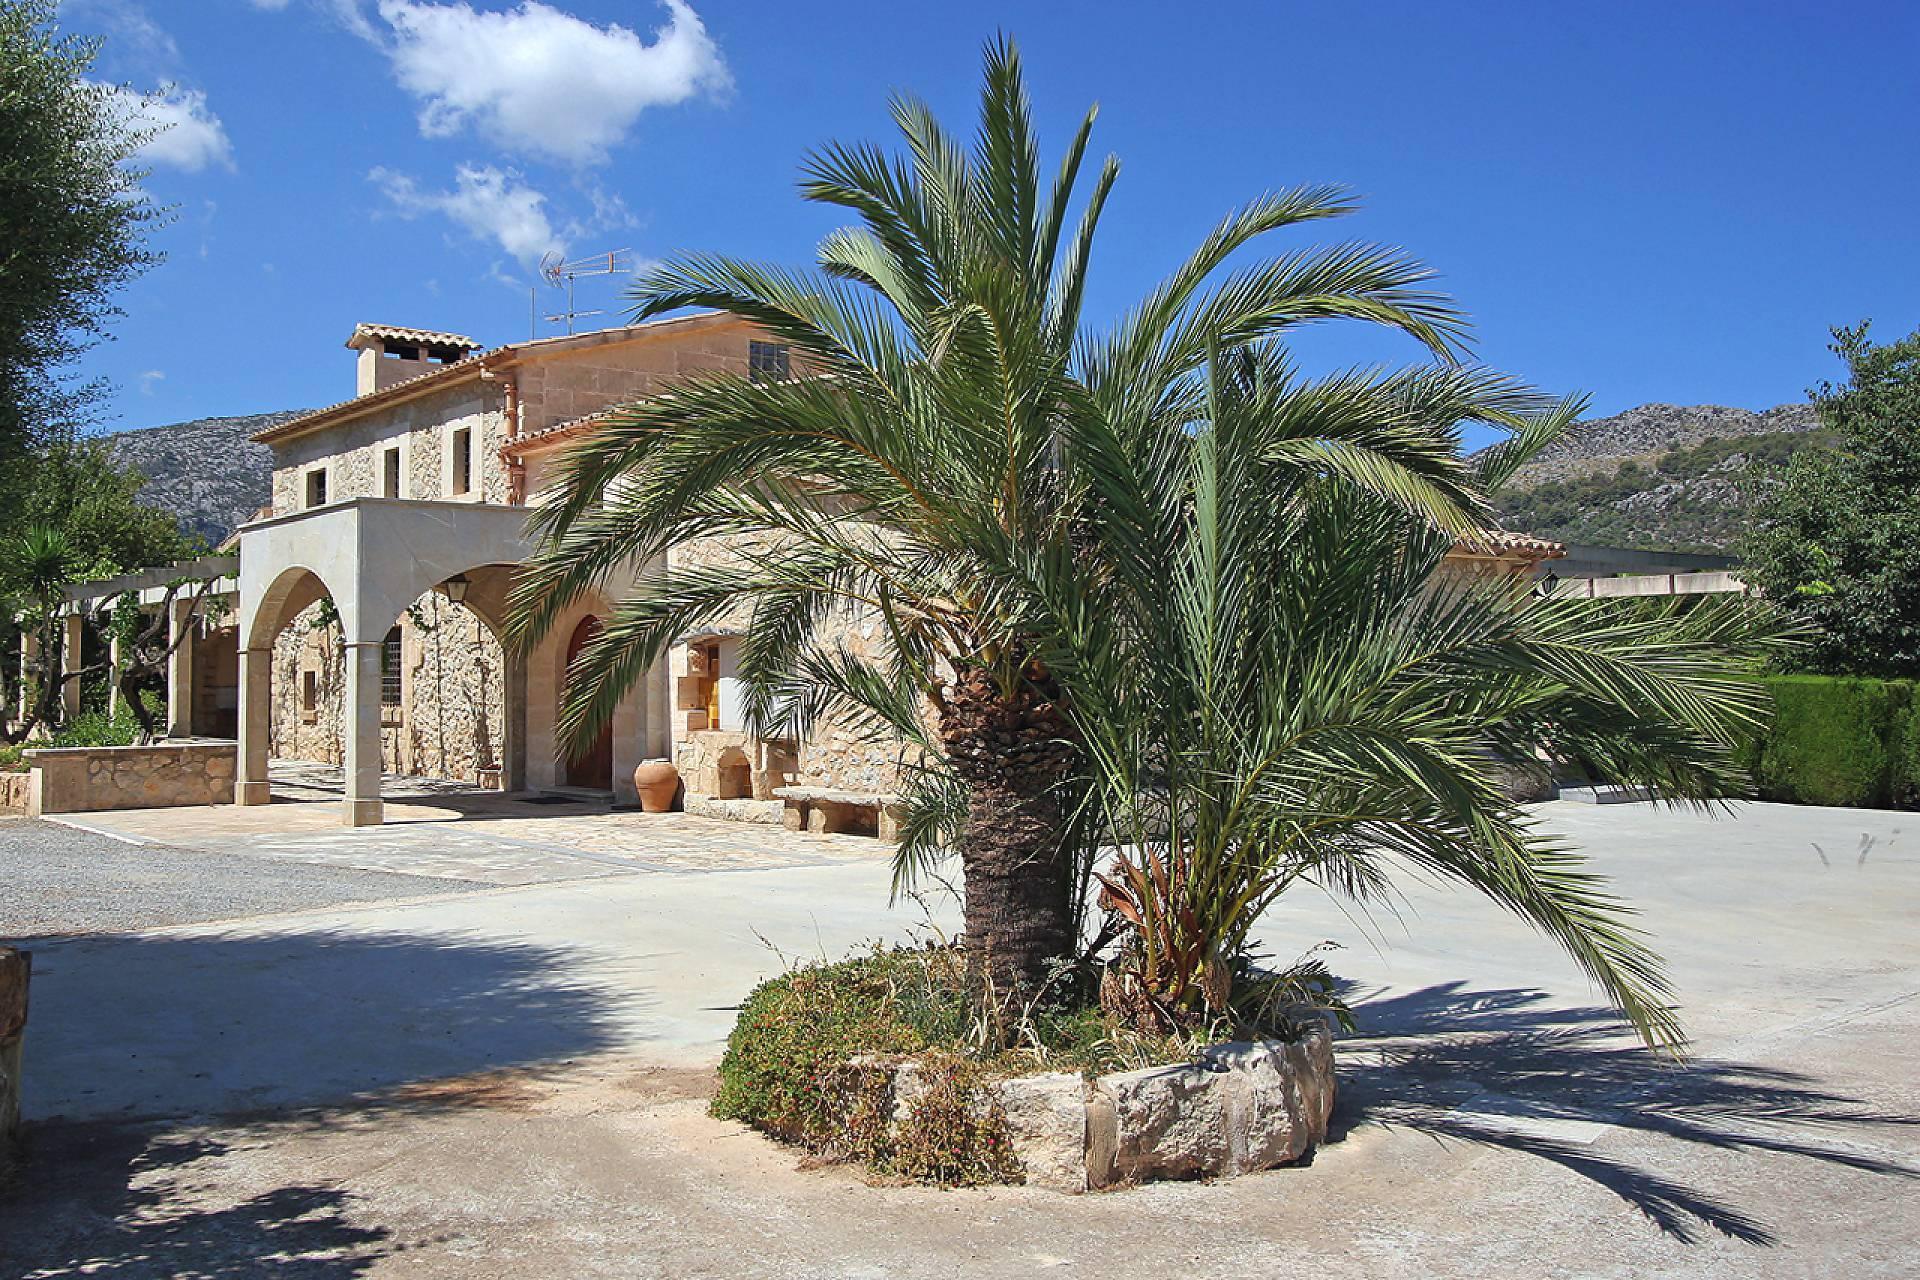 01-148 old farmhouse Mallorca north Bild 6